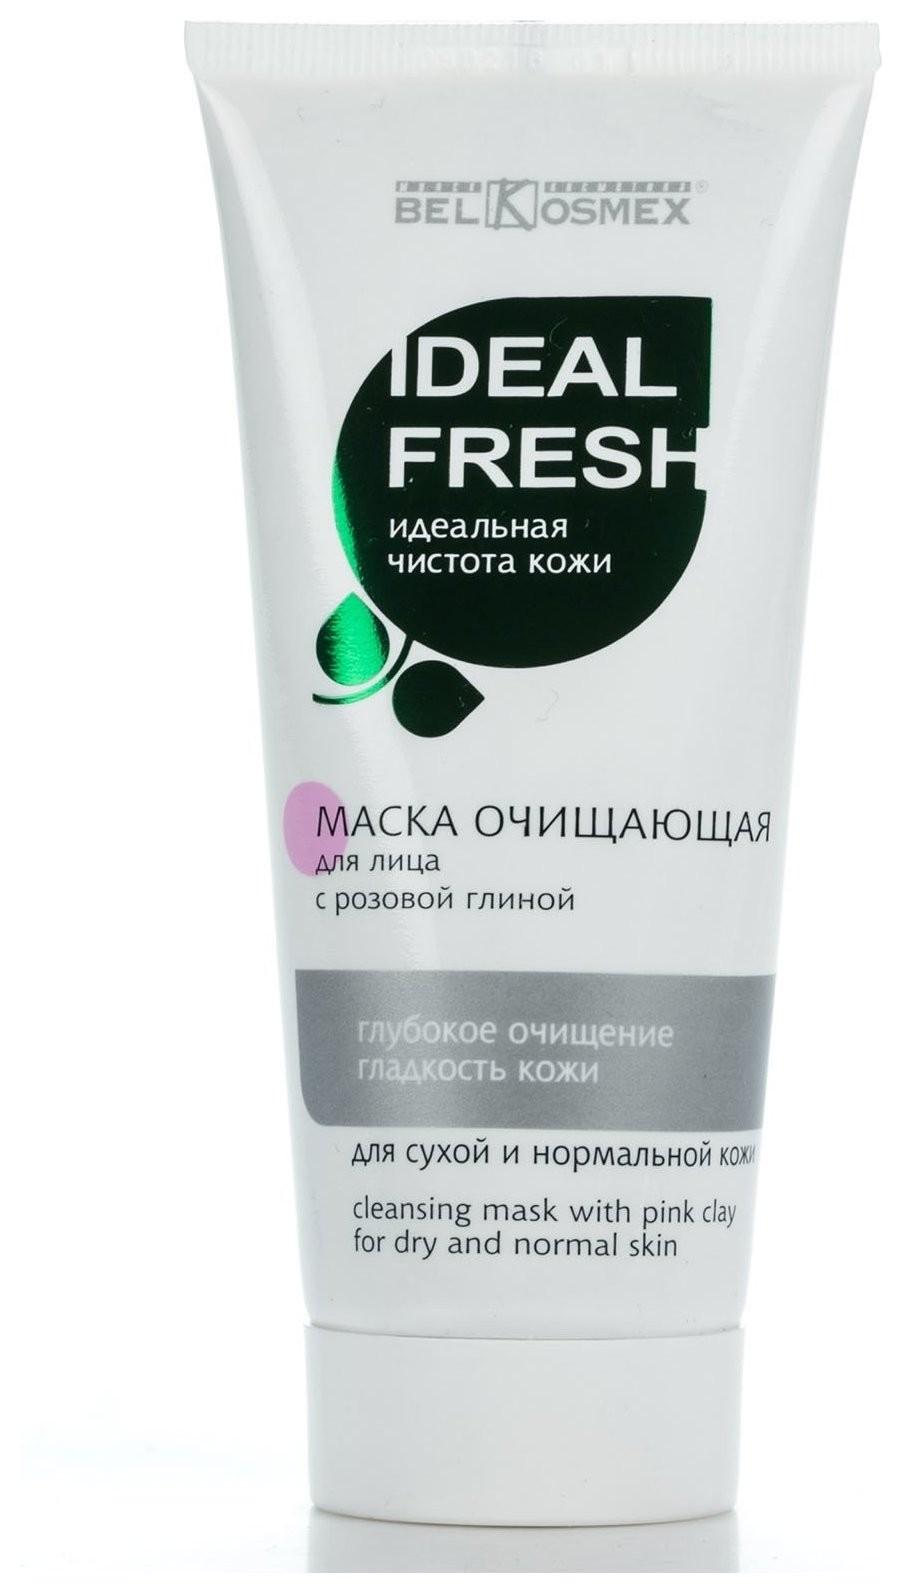 Маска очищающая с розовой глиной для лица глубокое очищение гладкость кожи для сухой и нормальной кожи Belkosmex Ideal Fresh